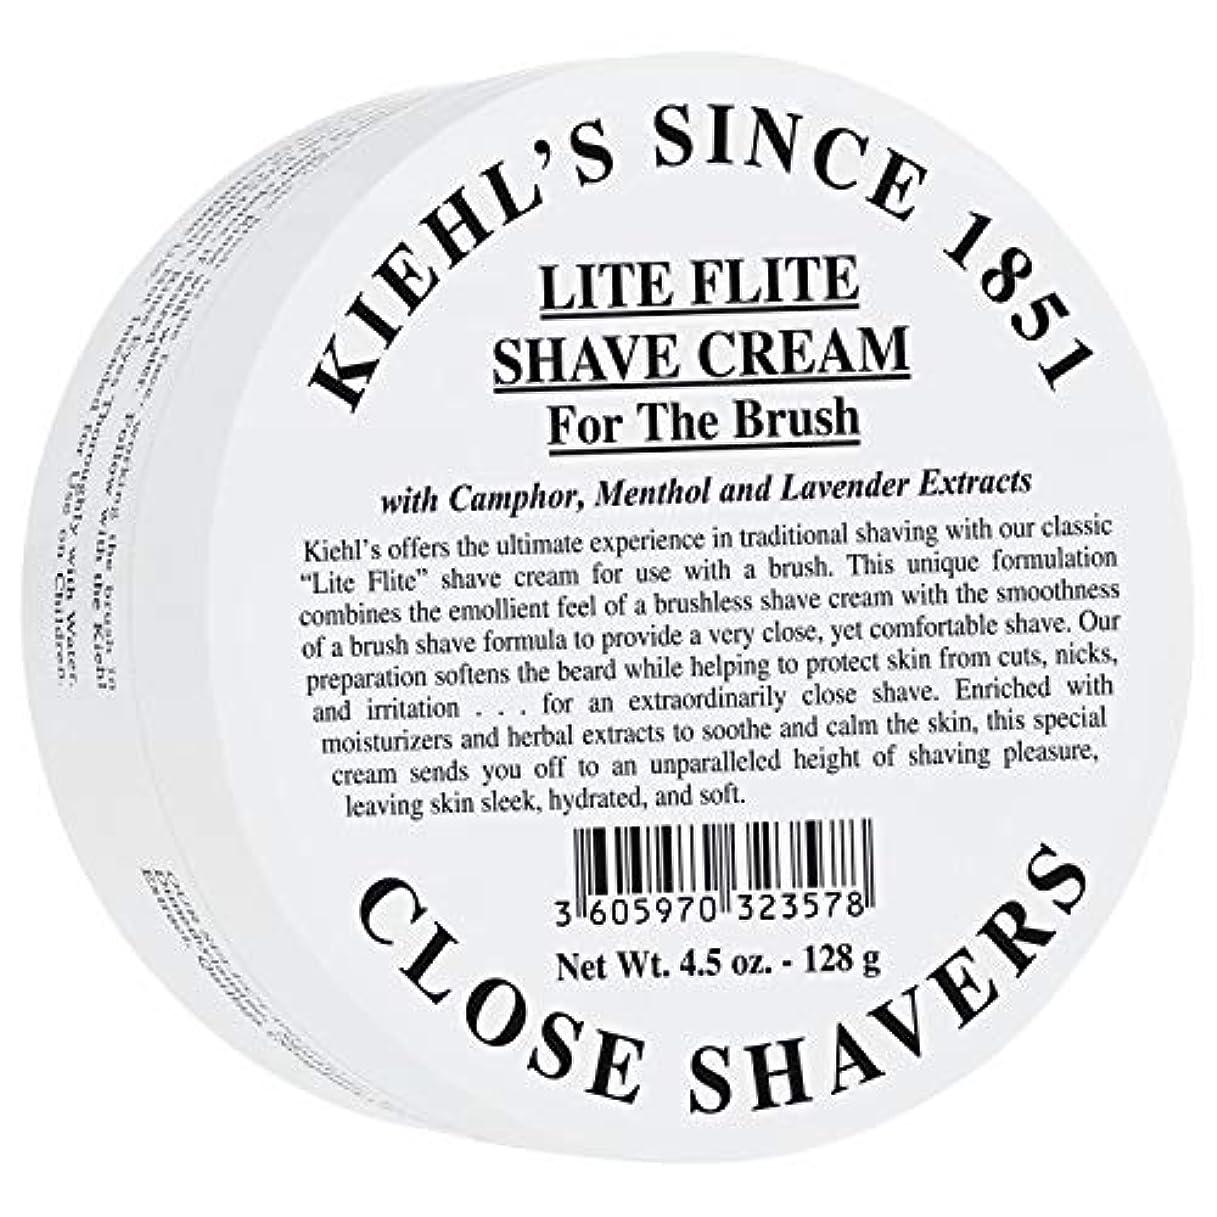 スキッパーサスティーンアーティキュレーション[Kiehl's] キールズLiteの飛行シェーブクリーム128グラム - Kiehl's Lite Flight Shave Cream 128g [並行輸入品]